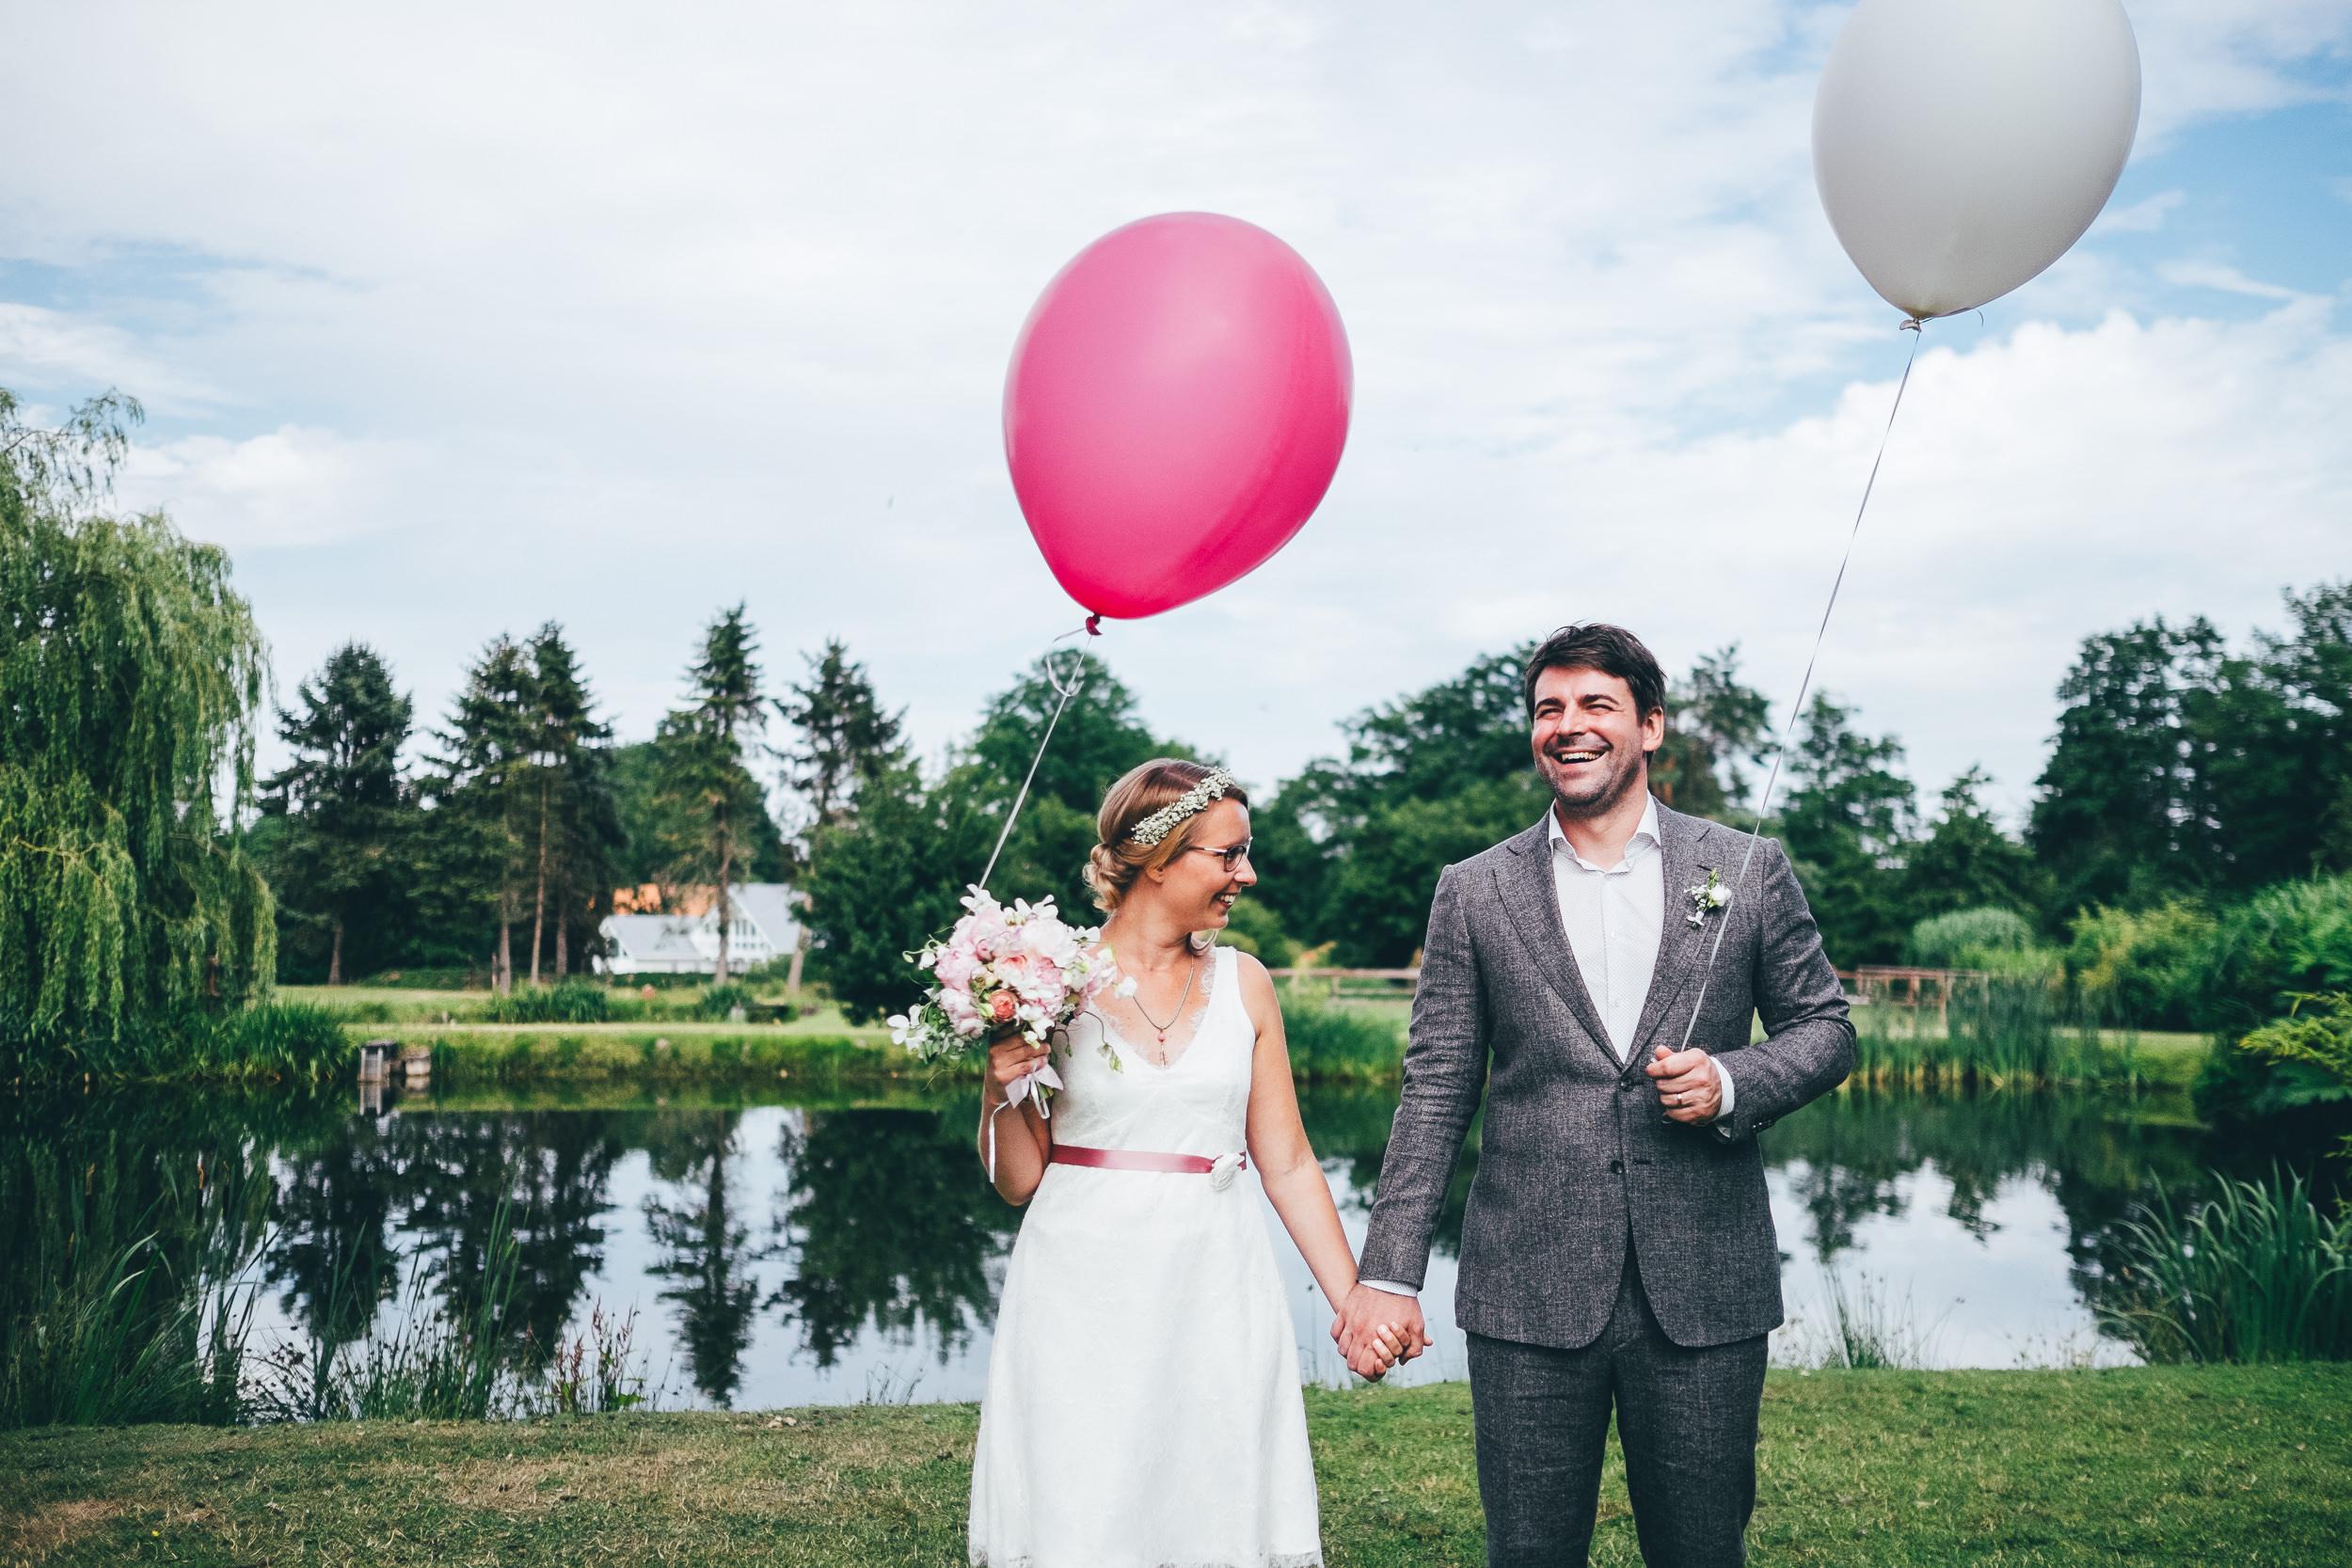 Hochzeitsbilder Seevetal Lieblingsplatz Helmstorf